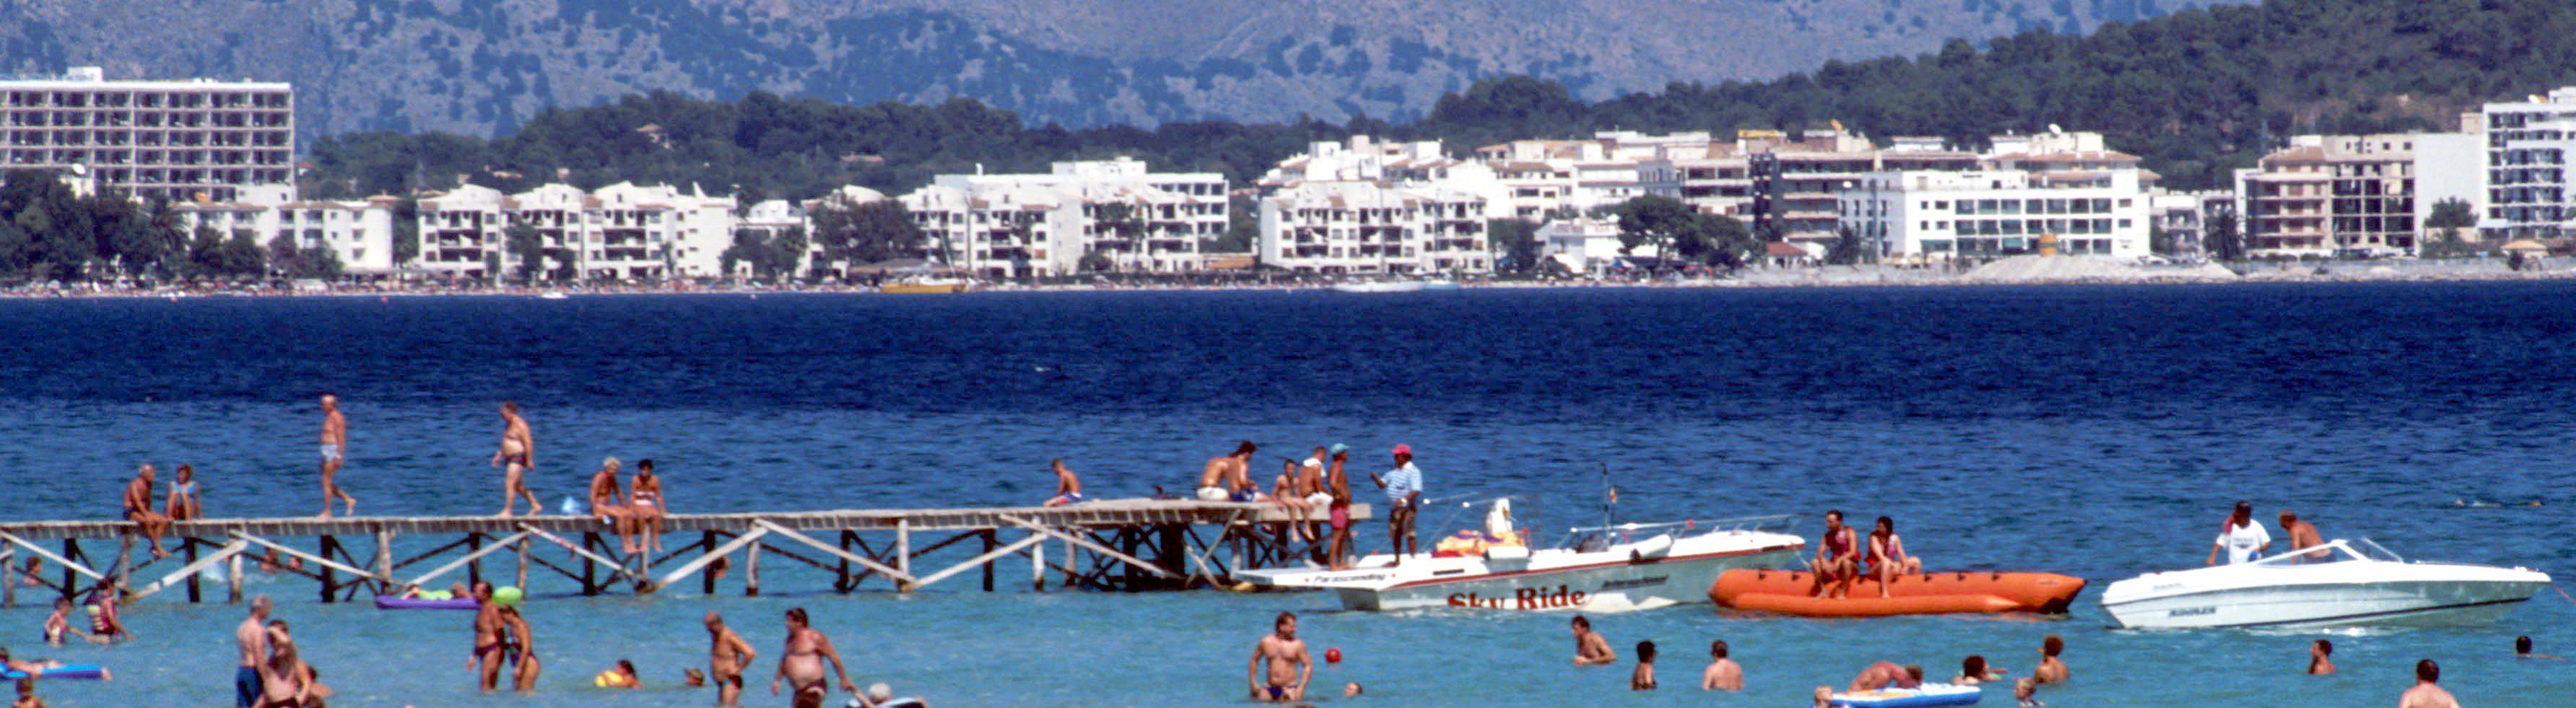 Strand in Spanien 2001